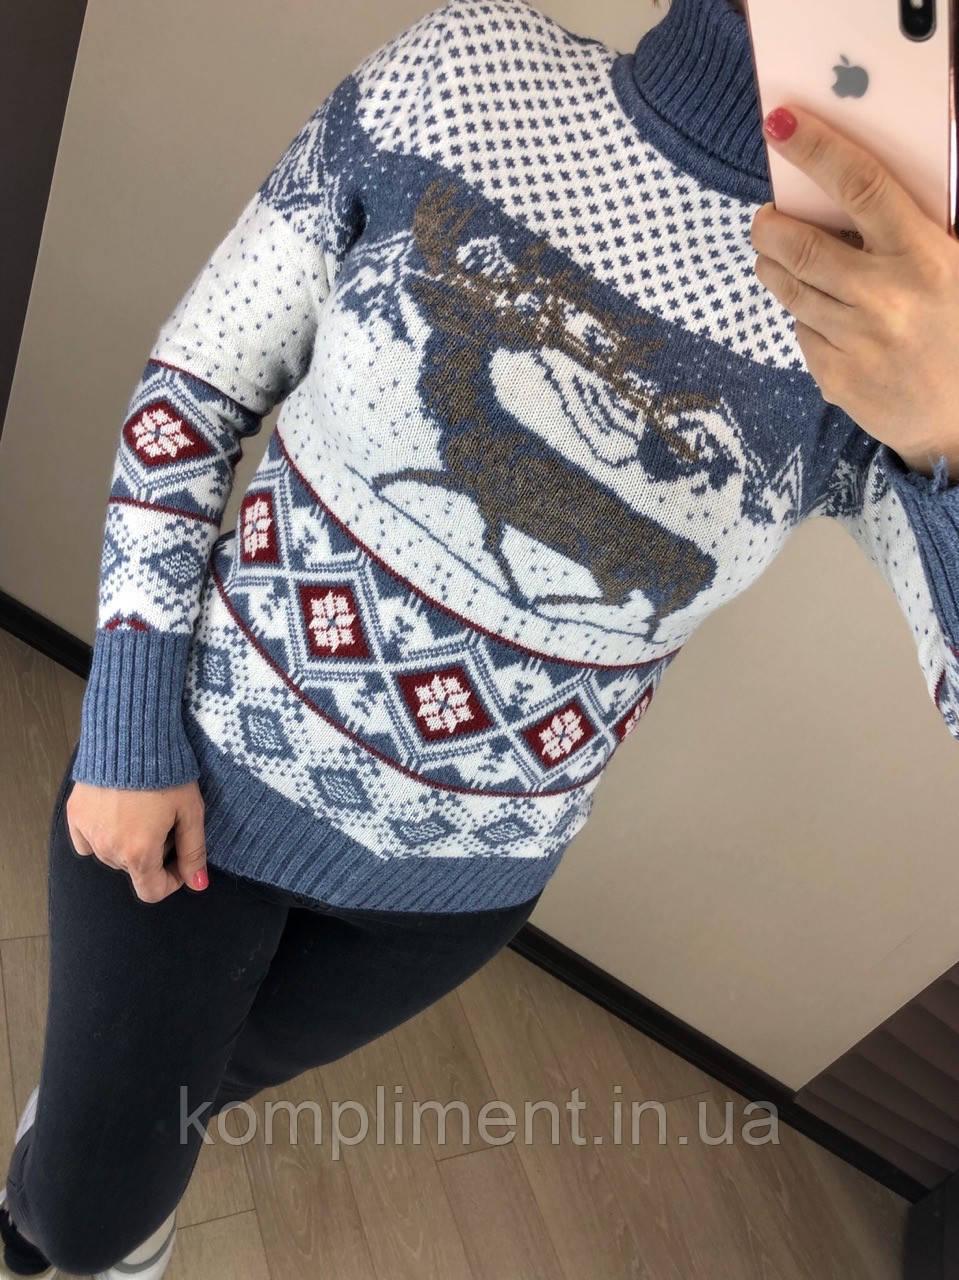 Шерстяной турецкий вязаный свитер с рисунком, джинс